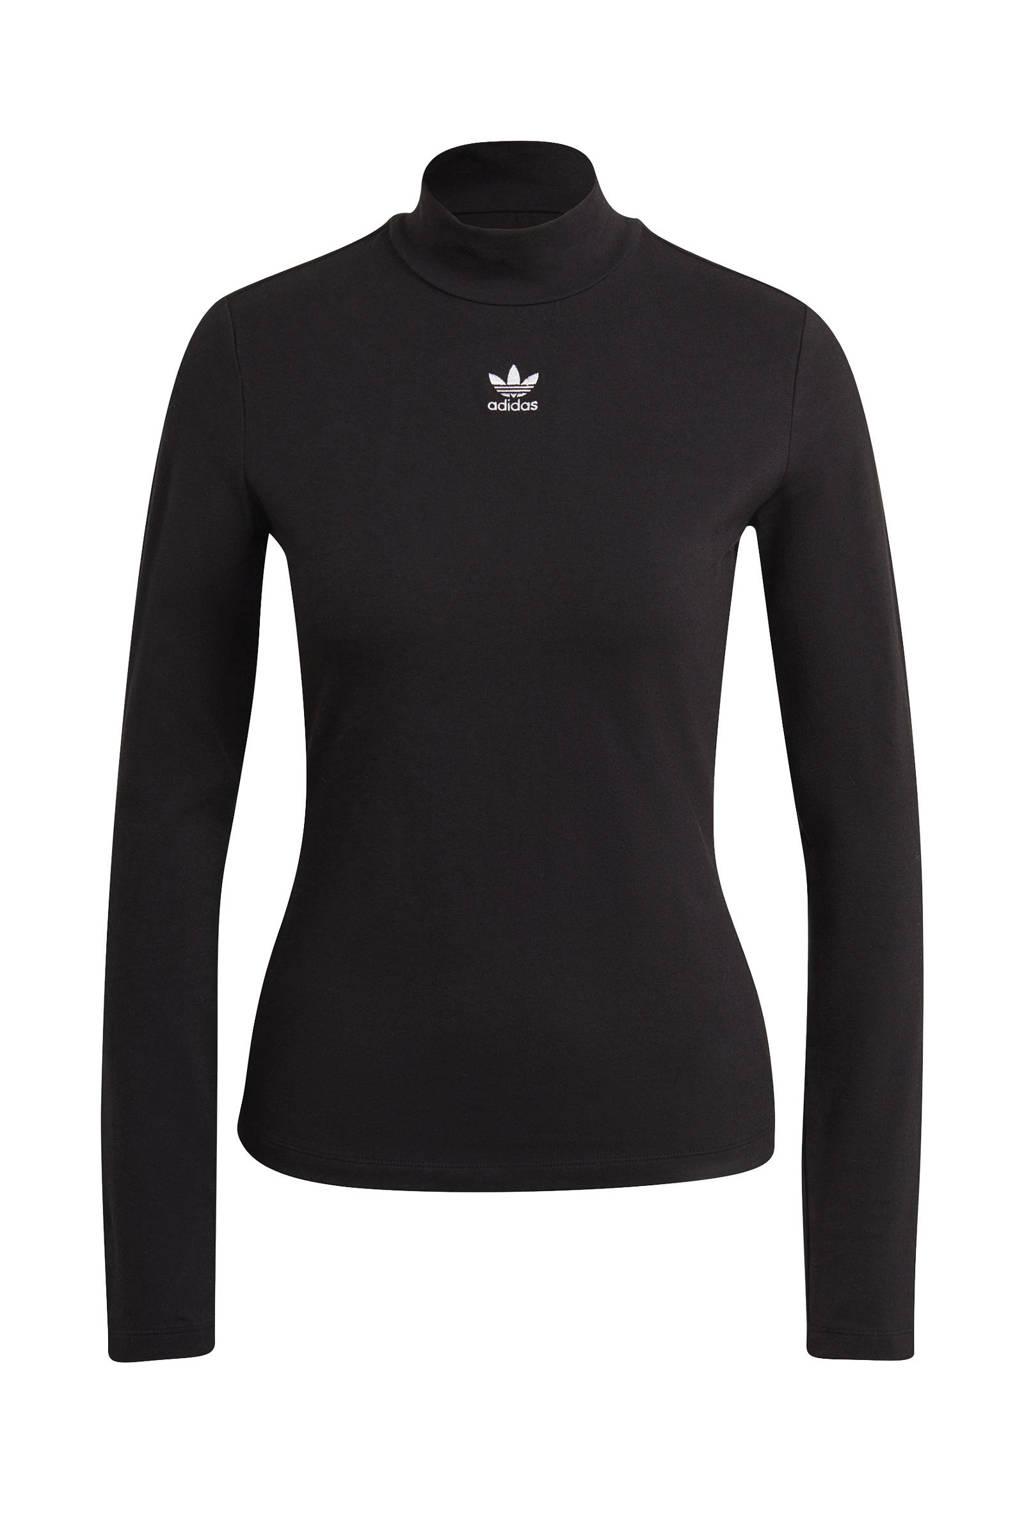 adidas Originals longsleeve zwart, Zwart